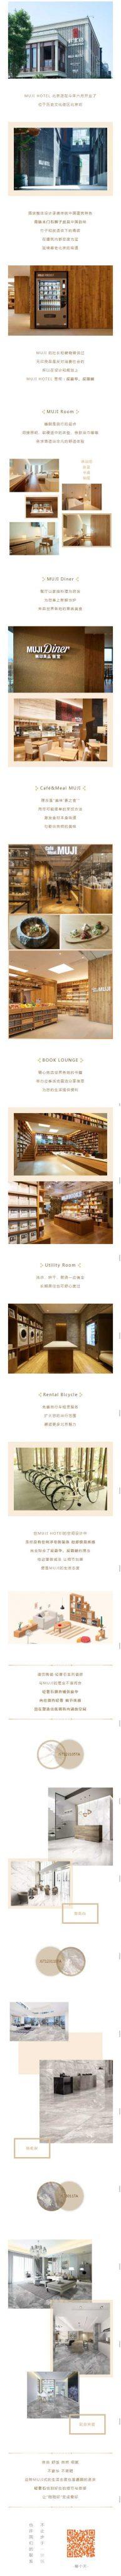 酒店传统中国建筑特色高档风格老北京